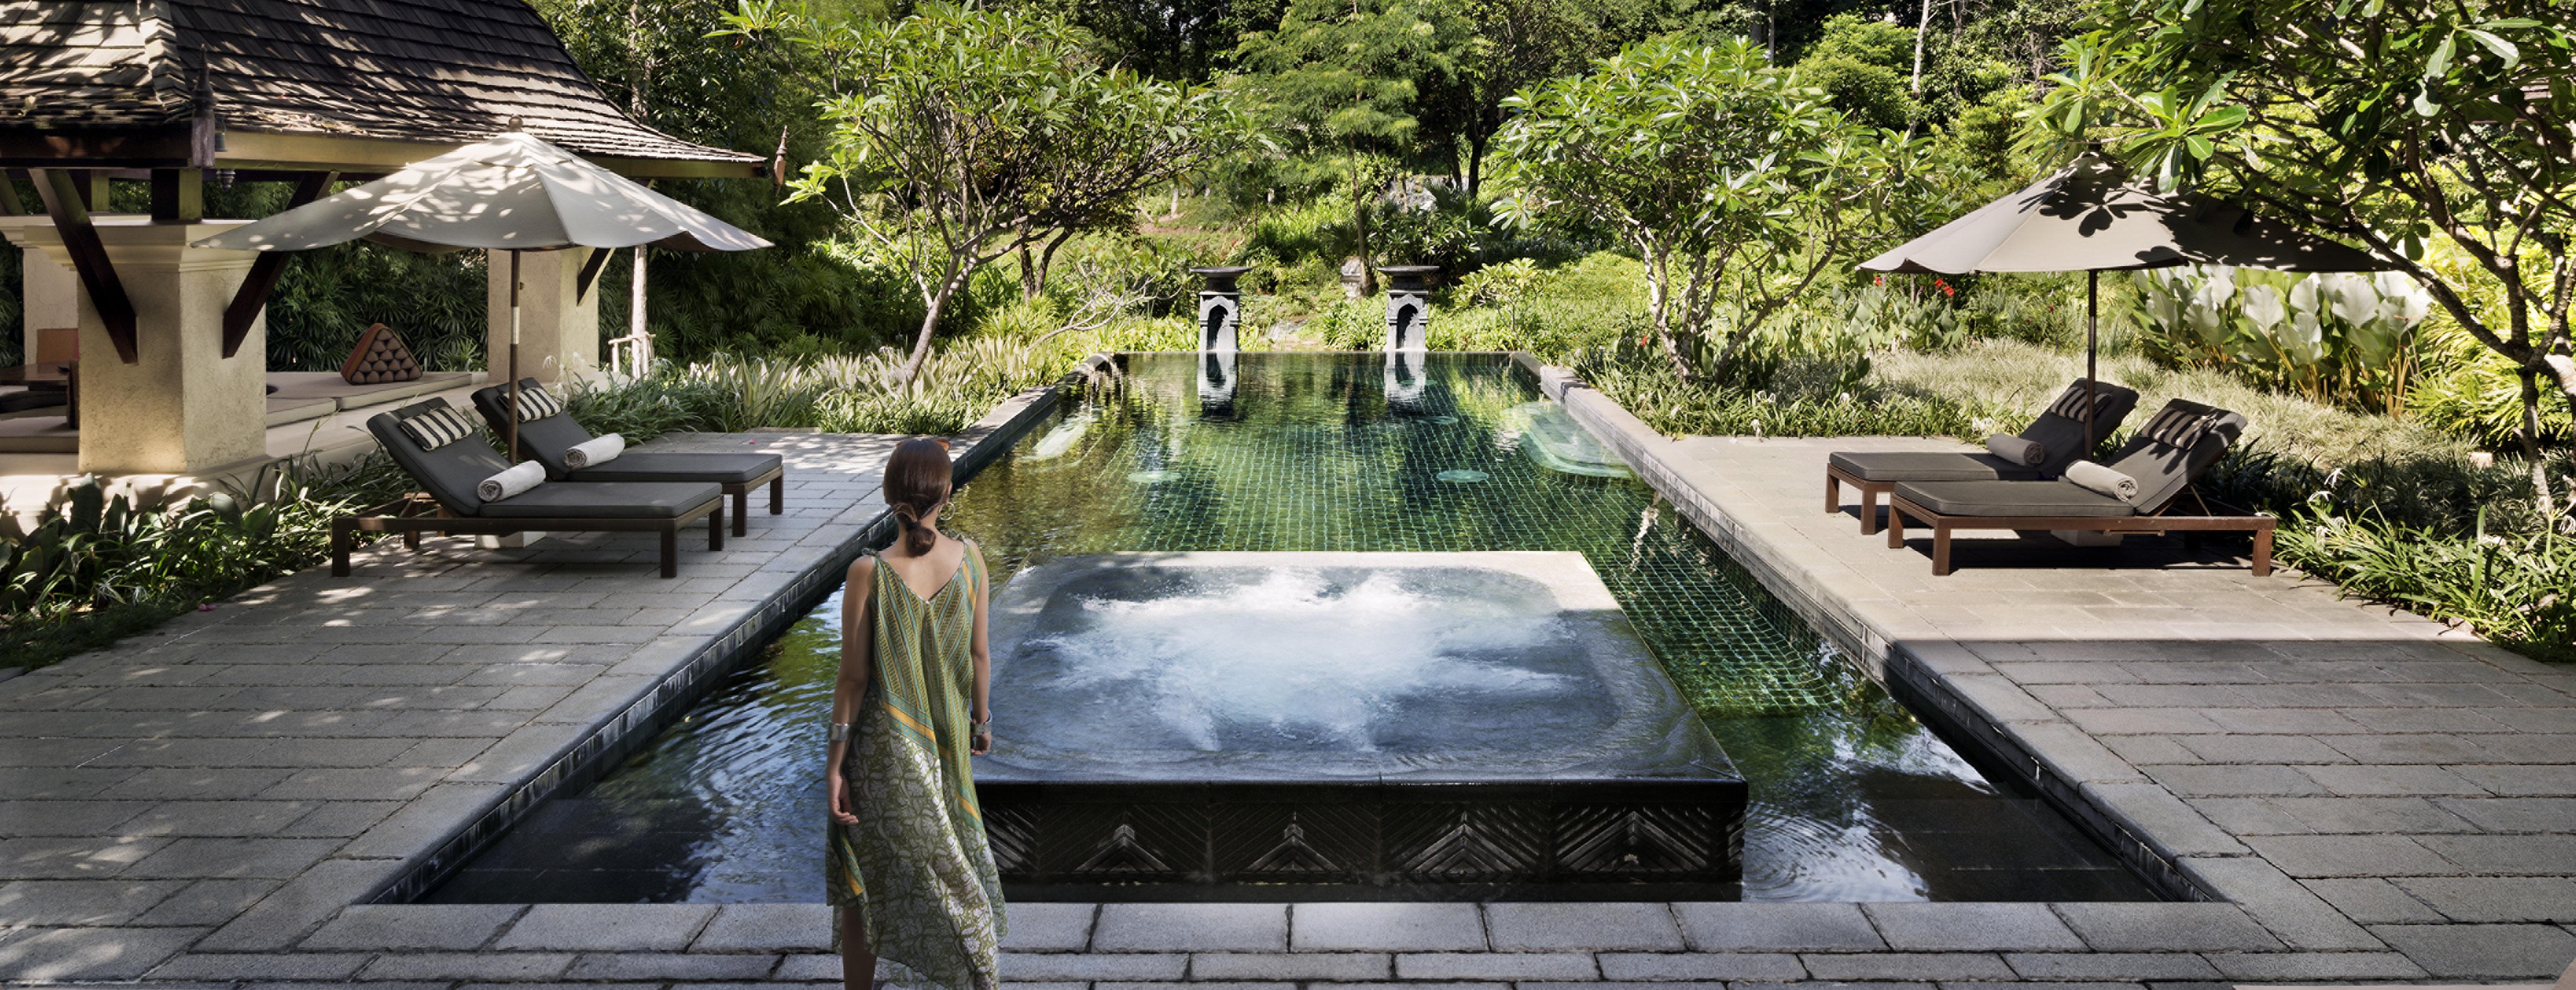 four-seasons-chiang-mai-pool